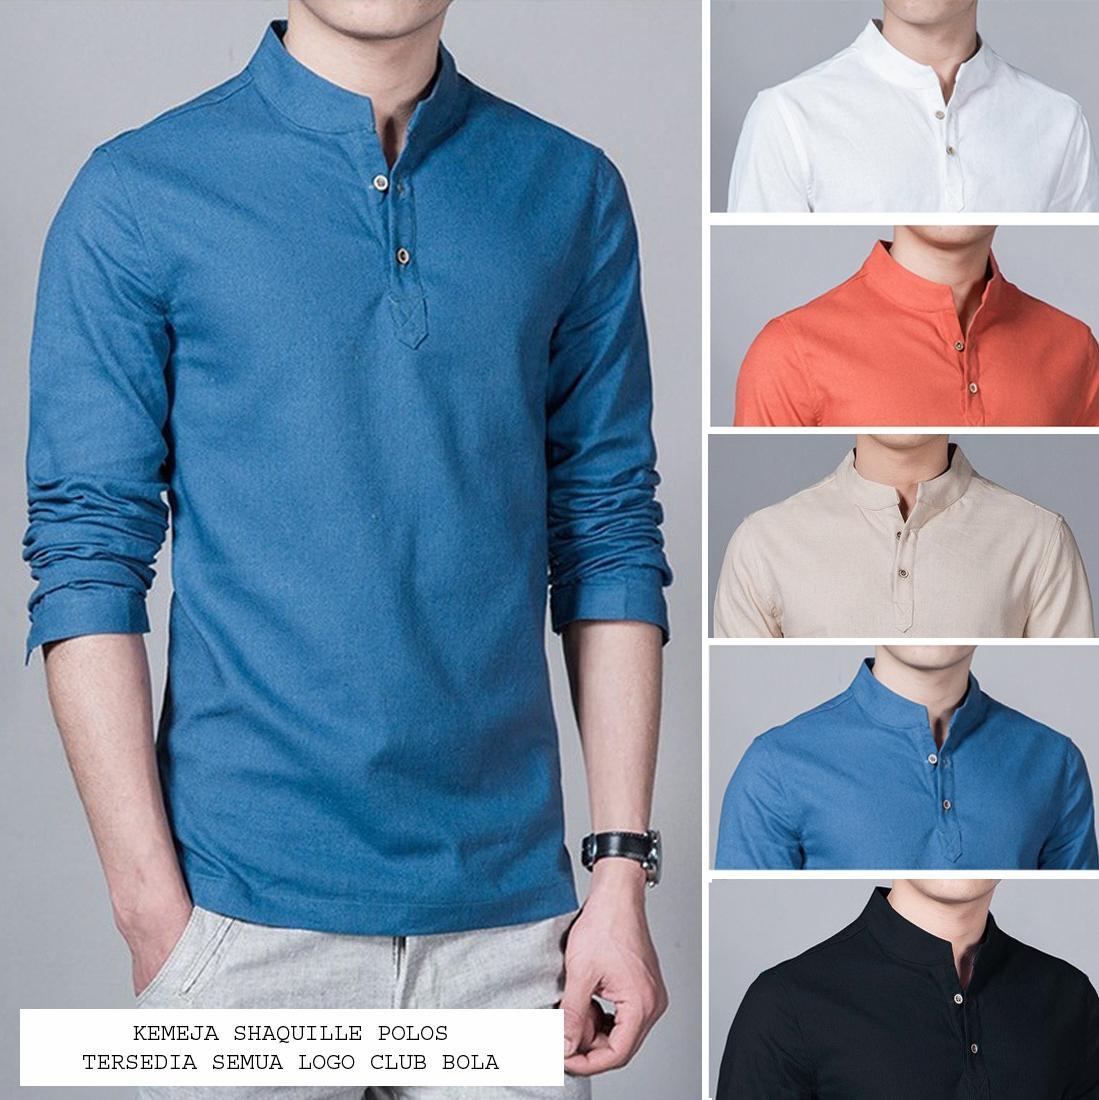 Kemeja Pria Baju Koko Shaquile Biru Polos | Tersedia 5 Warna | Grosir Kemeja Muslim Gamis Pria Murah Distro